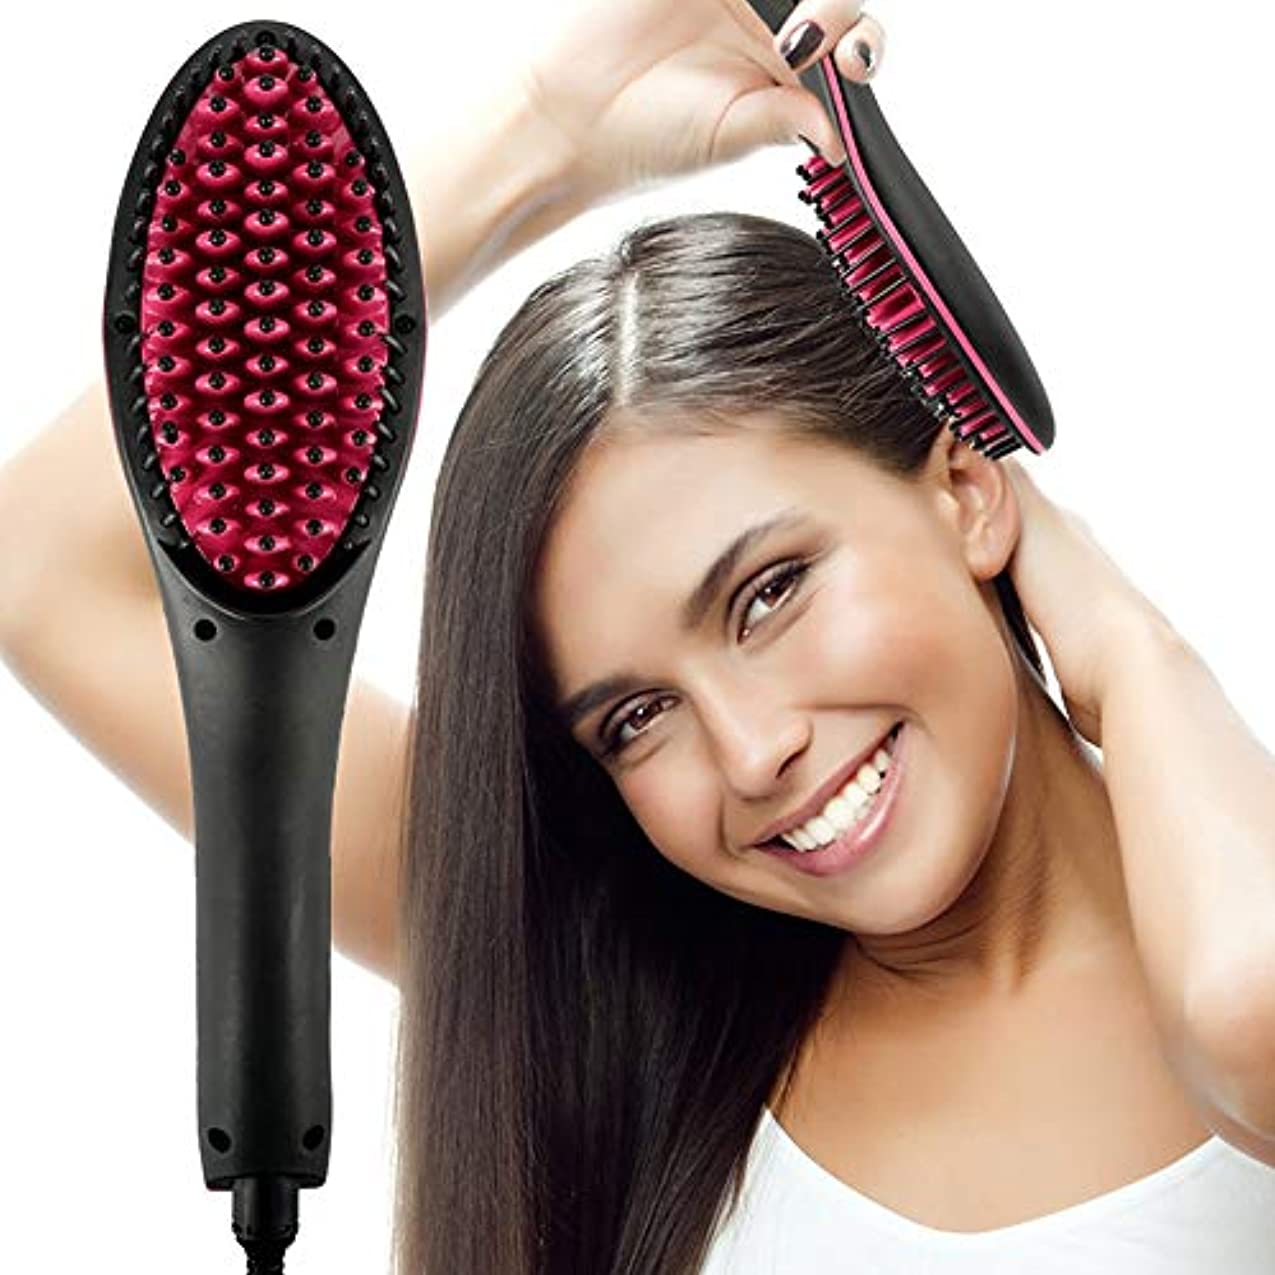 覚醒楽なラッドヤードキップリング電気毛矯正ブラシセラミック高速加熱電気ブラシくし鉄ディスプレイすべての髪型に適したアンチスカルド効果的な髪くし